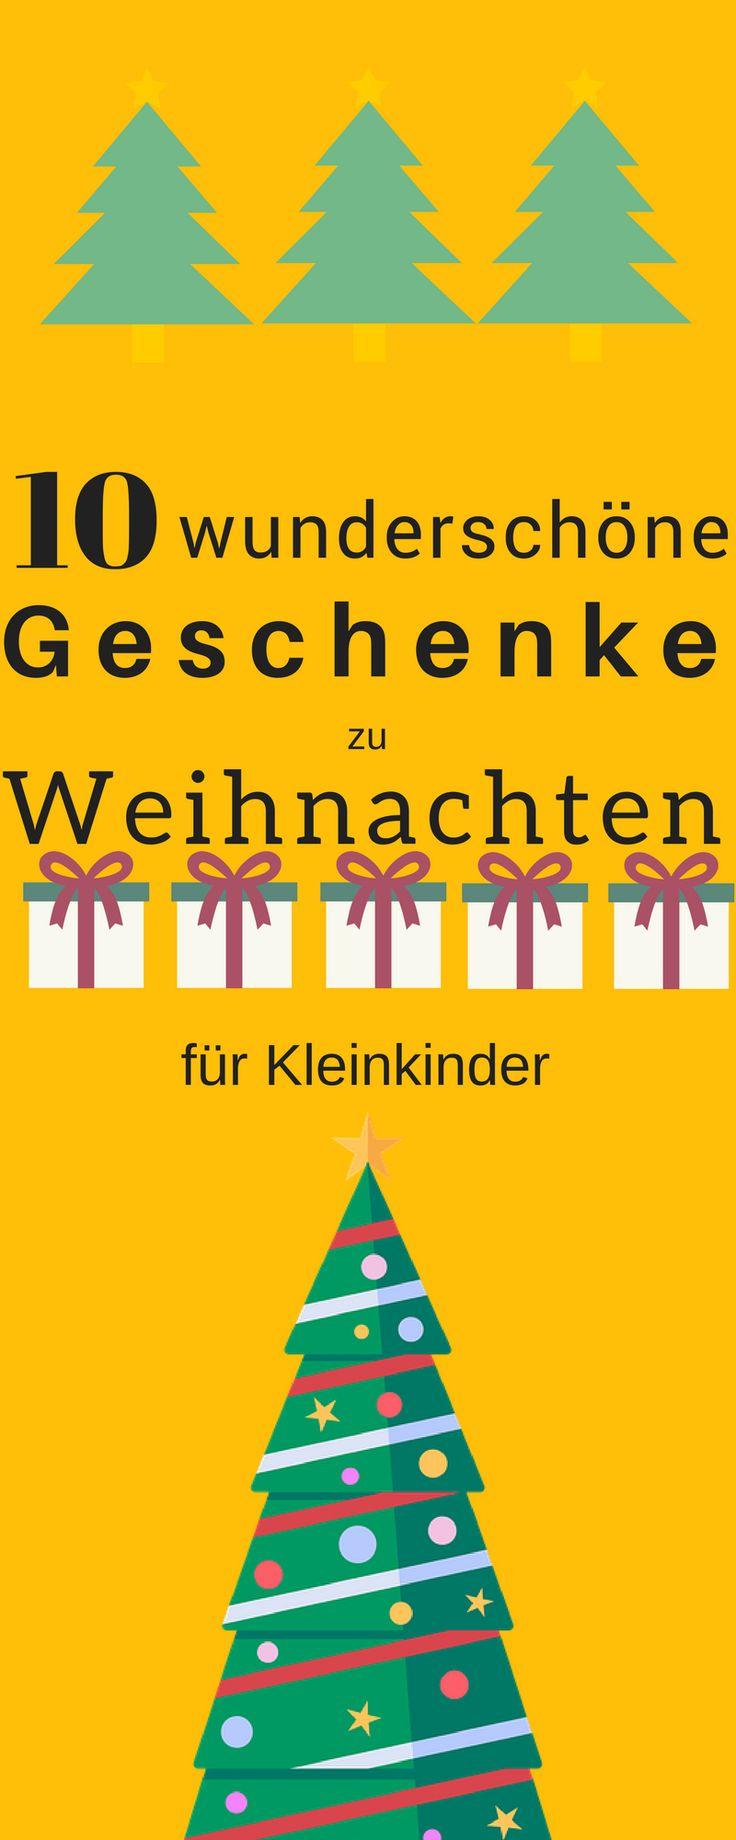 Weihnachtsgeschenke für Kleinkinder zwischen 1-3 Jahren, Geschenke zu Weihnachten Ideen, Geschenkideen Weihnachten, Weihnachten Geschenke für Jungen, Weihnachten Geschenke für Mädchen, Weihnachten Geschenke selbstgemacht, Weihnachten Geschenke basteln, Weihnachten Geschenke Verpacken, Weihnachten Geschenke Eltern, Freunde, Nähen, Holzspielzeug Kinder Weihnachten, Holzspielzeug Ideen DIY #weihnachten #geschenkidee